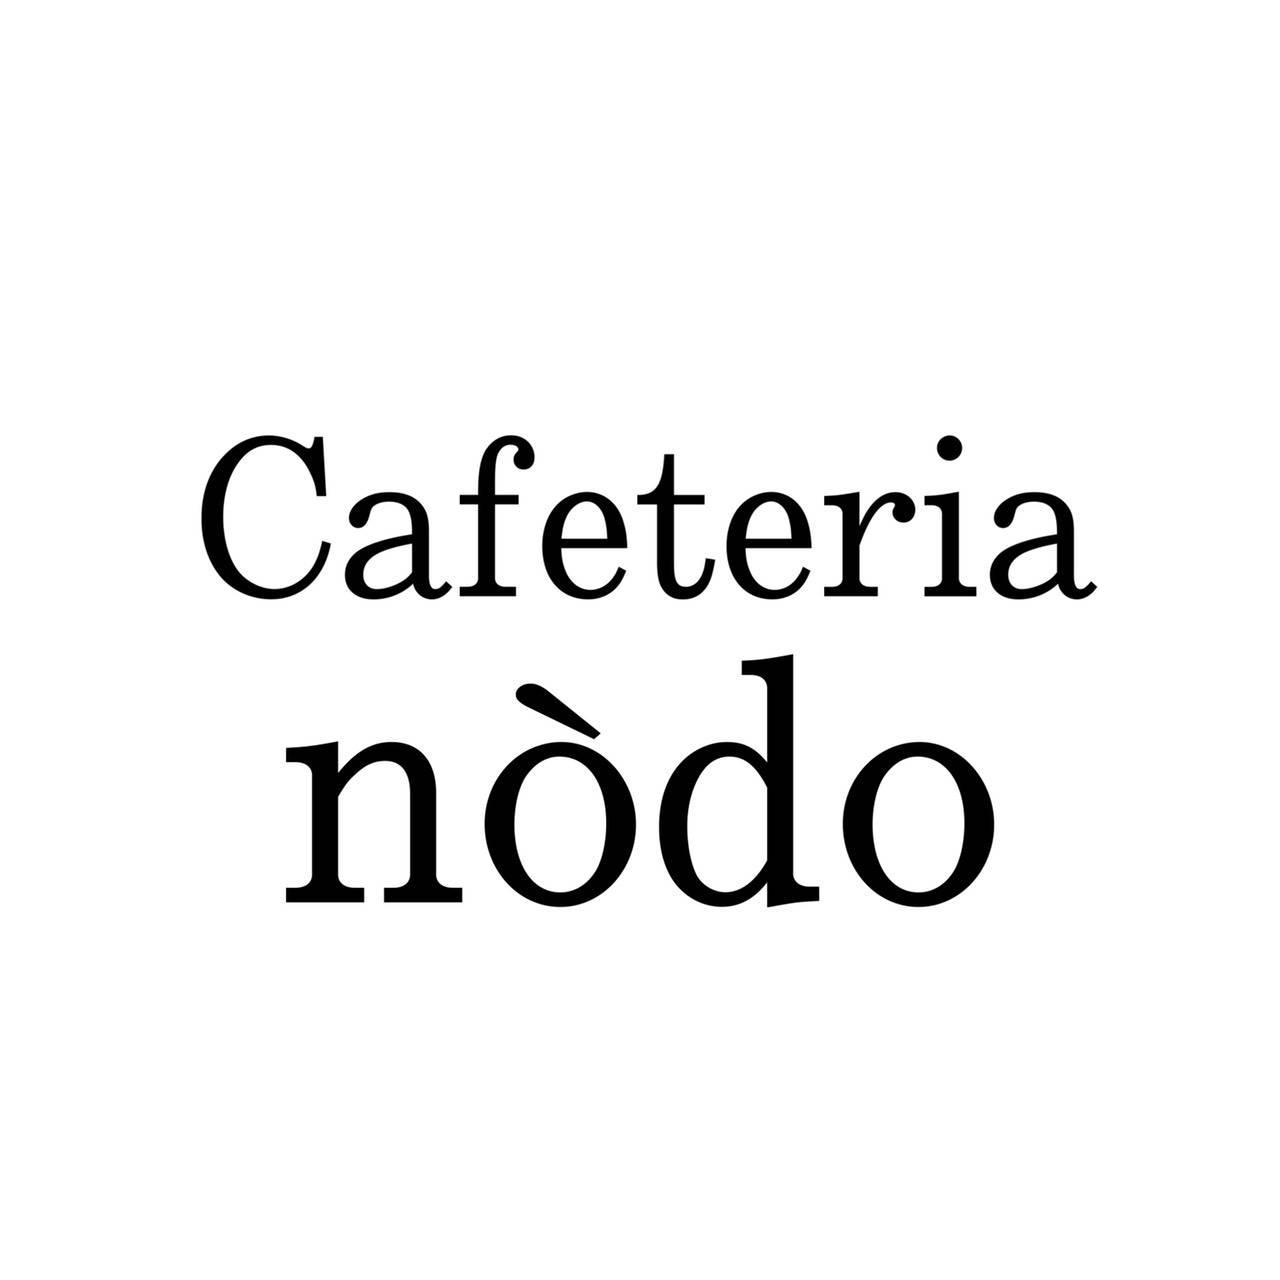 Cafeteria nōdo